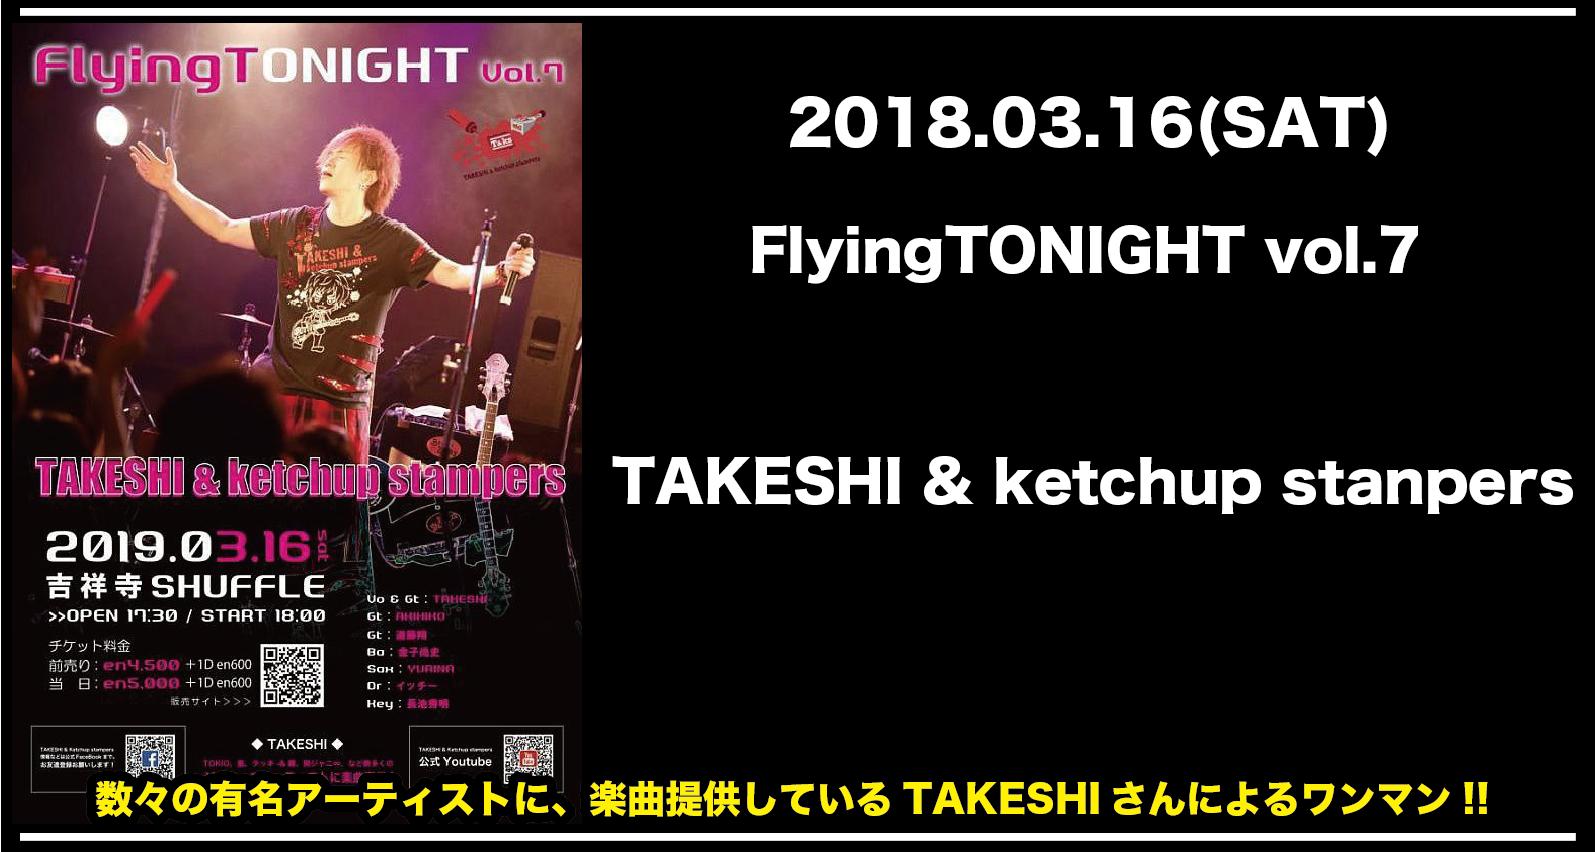 FlyingTONIGHT vol.7